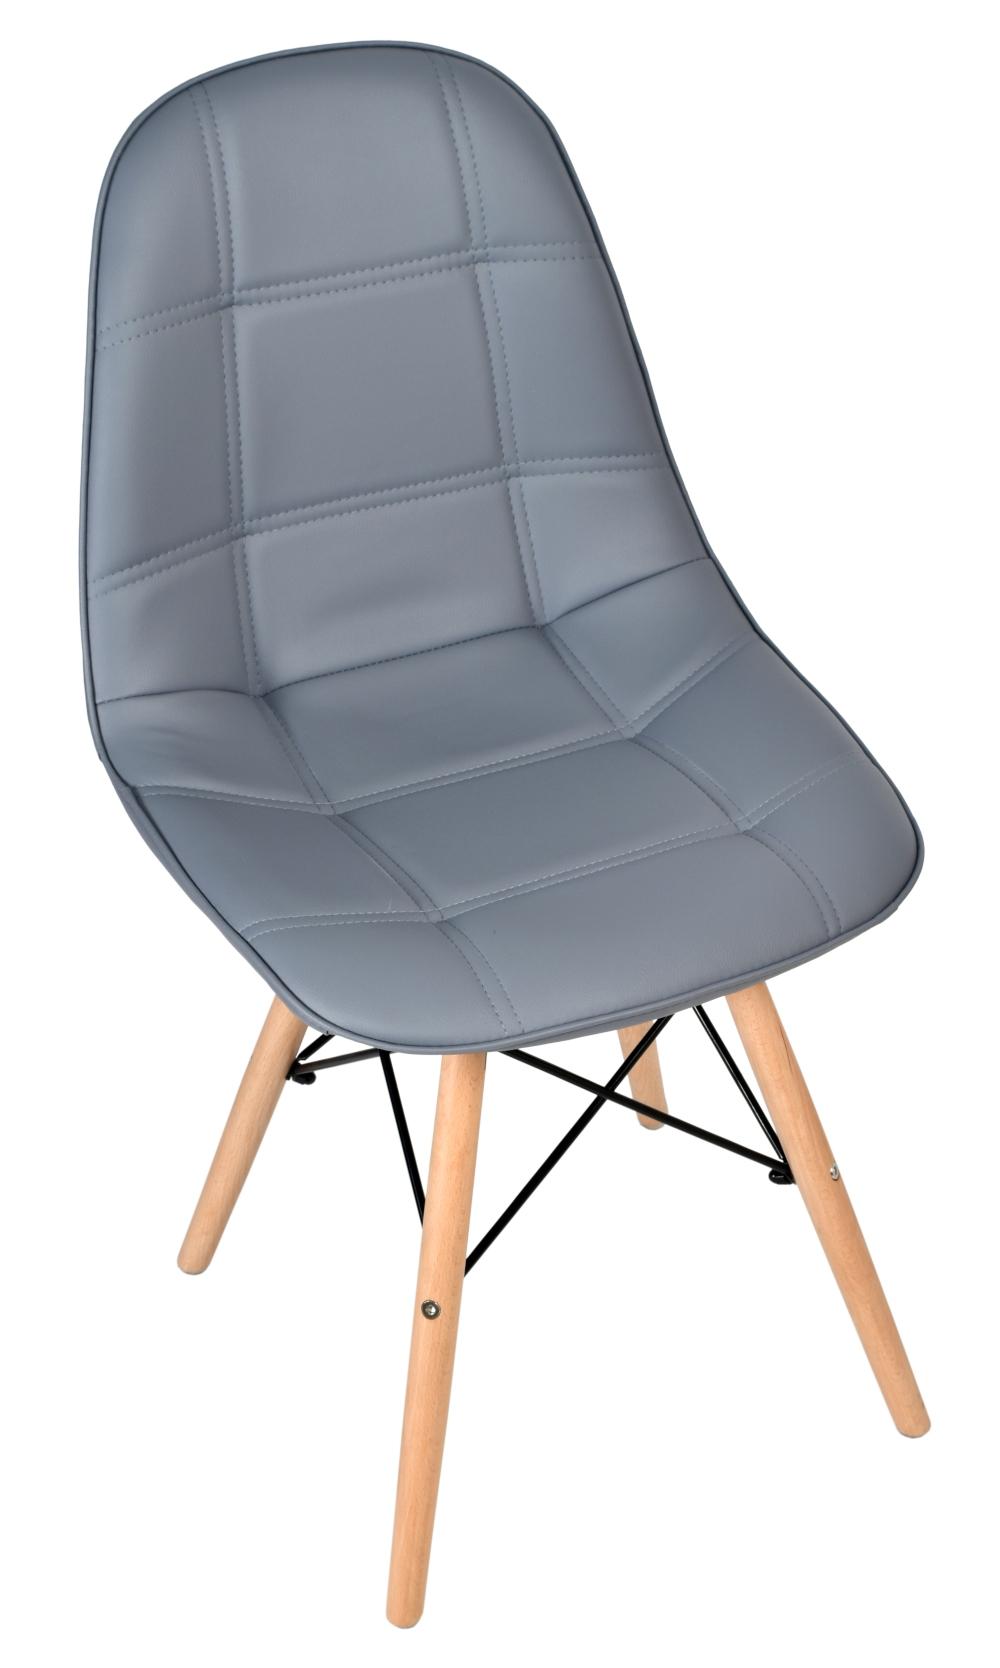 Krzesło tapicerowane DSW Lyon szary | eHokery.pl – Tanie